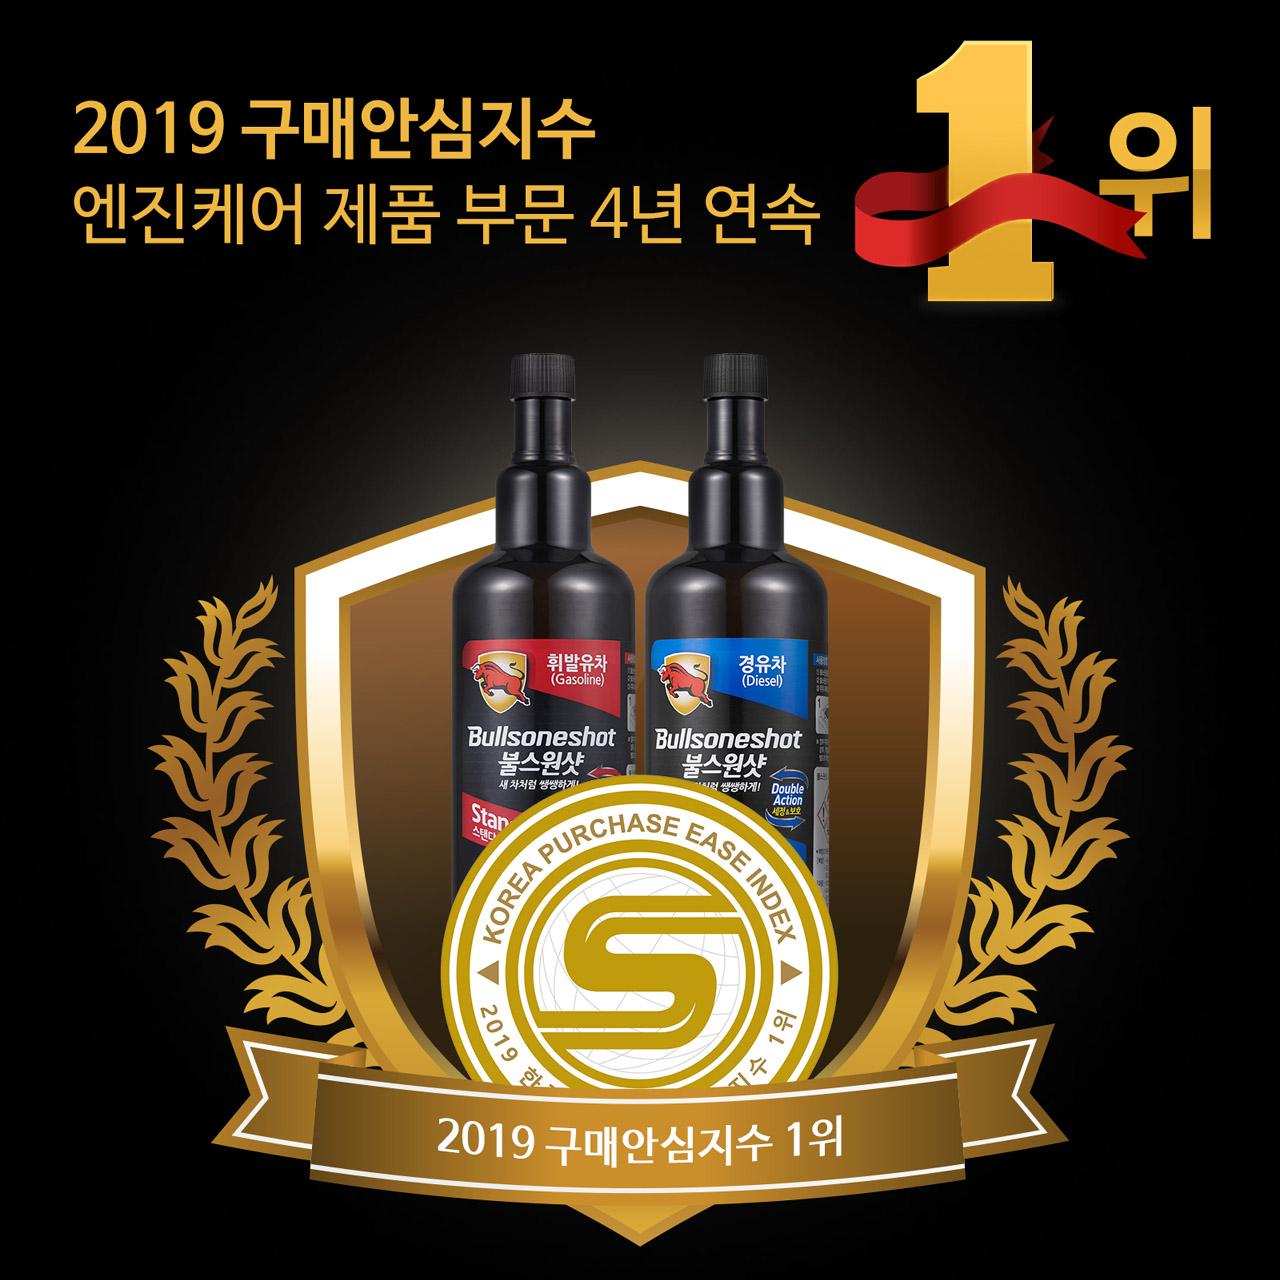 [불스원] 불스원샷 _2019 구매안심지수_ 4년 연속 1위 선정